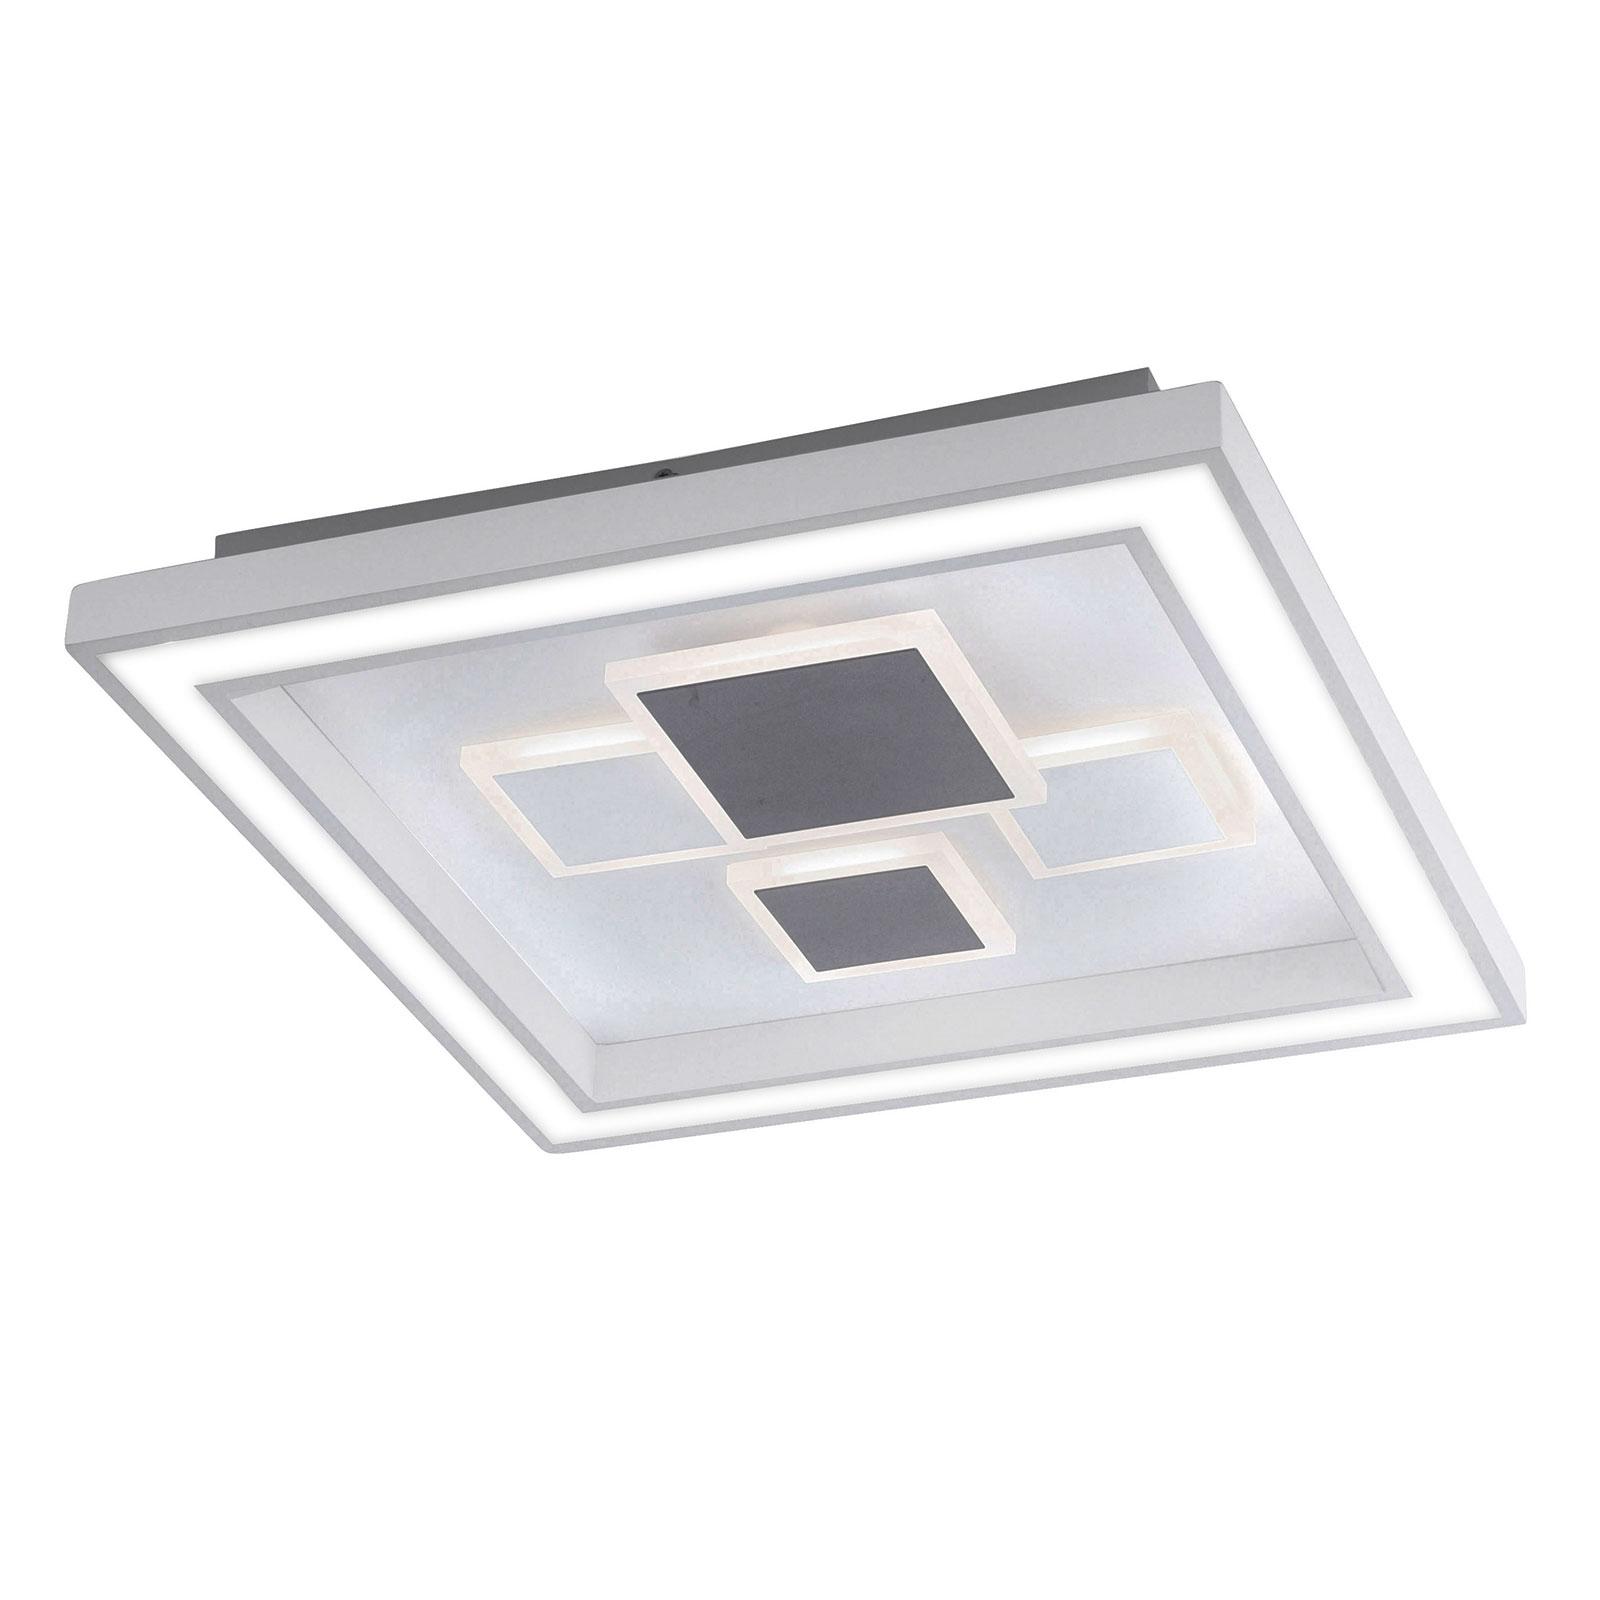 Paul Neuhaus Eliza lampa sufitowa LED kwadratowa